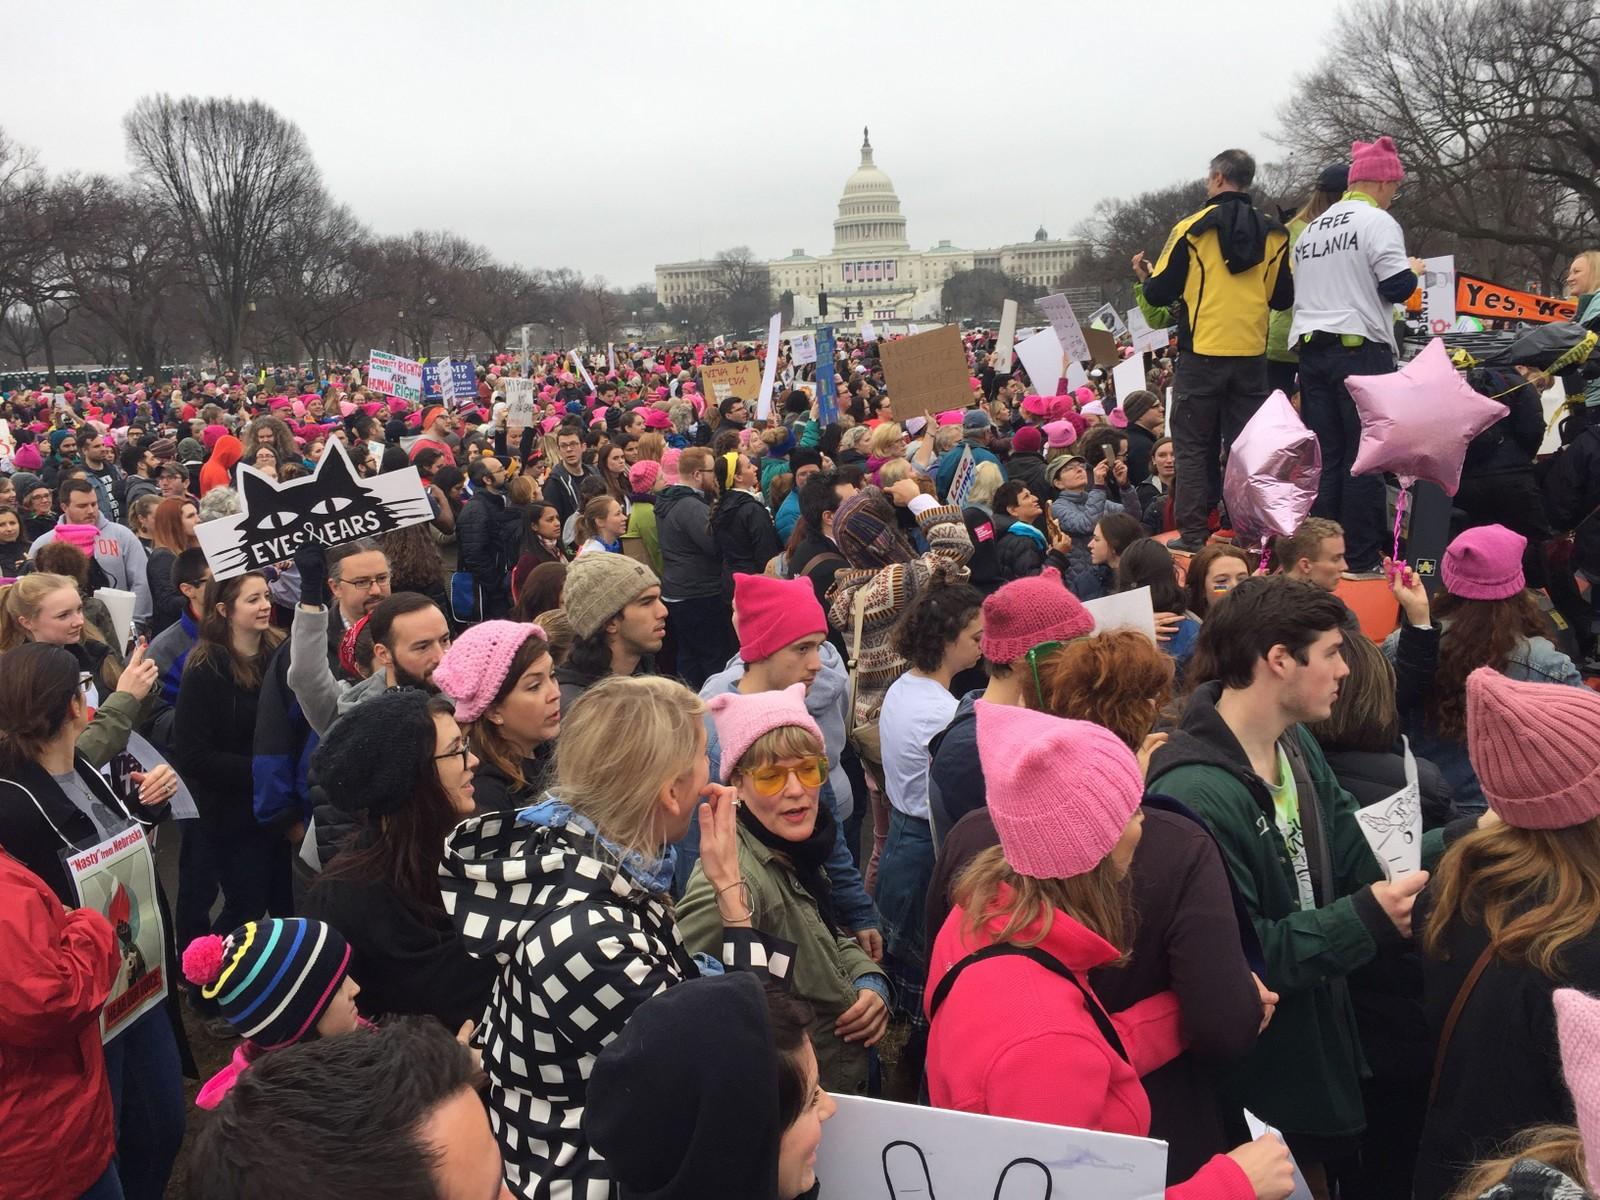 Demonstrasjonene var først planlagt i Washington DC, dagen etter Donald Trump ble tatt i ed som USAs 45. president. Demonstrasjonene spredte seg verden over.